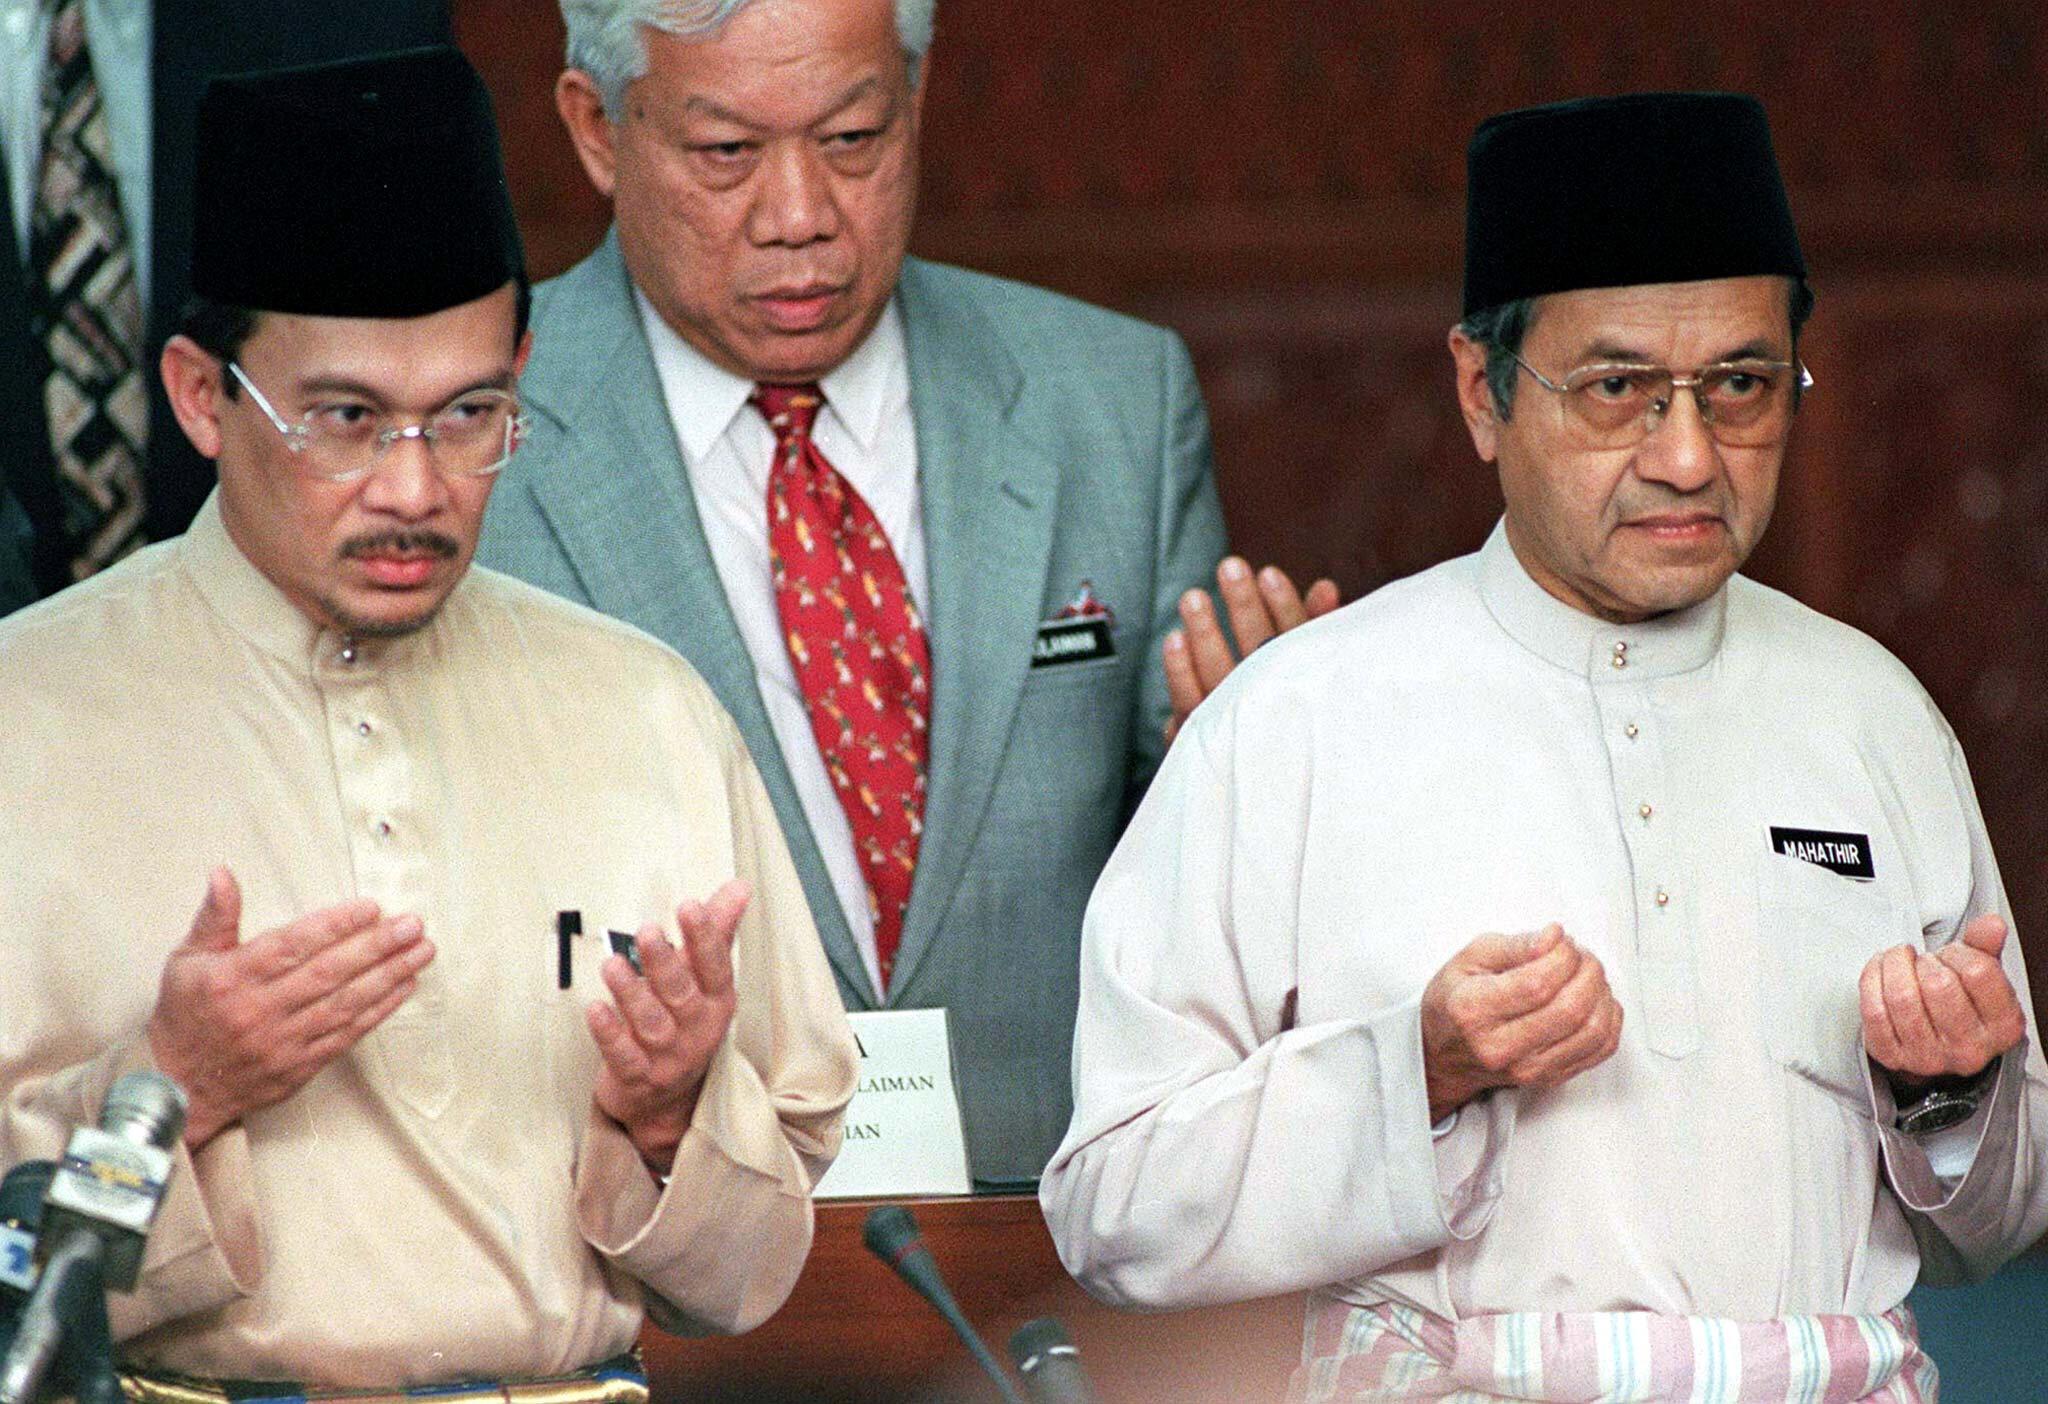 លោក Mahathir Mohamad (ស្តាំ) និងលោក Anwar Ibrahim (ឆ្វេង) រូបថត ឆ្នាំ១៩៩៨